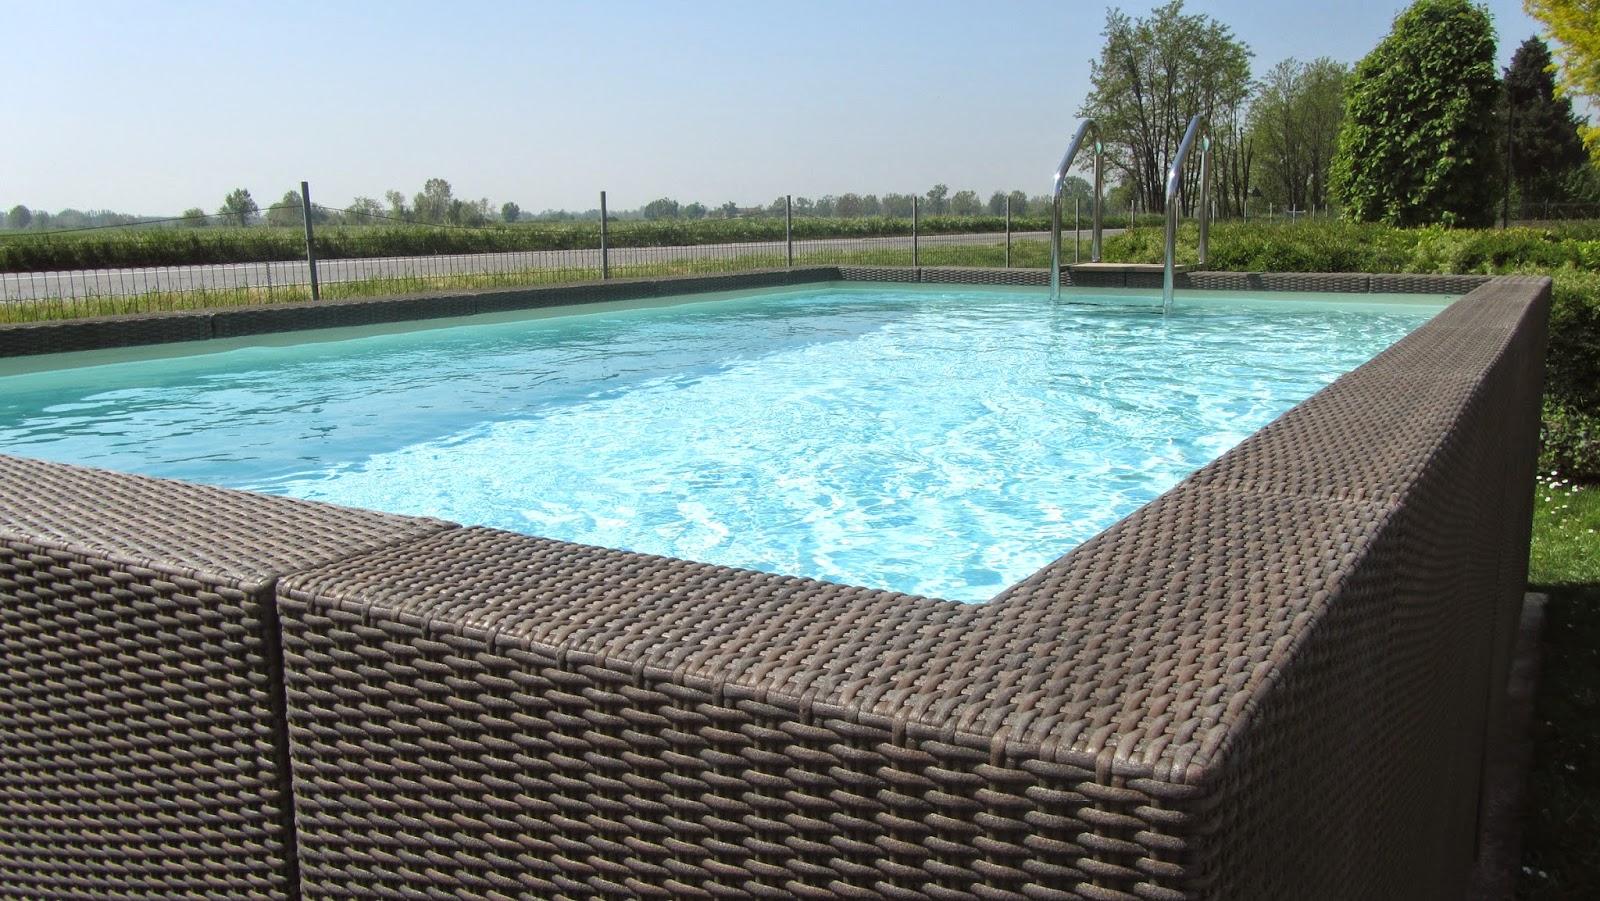 Piscina laghetto dolce vita diva5 00 x 10 00 x 1 20 h mt for Vasca pvc laghetto